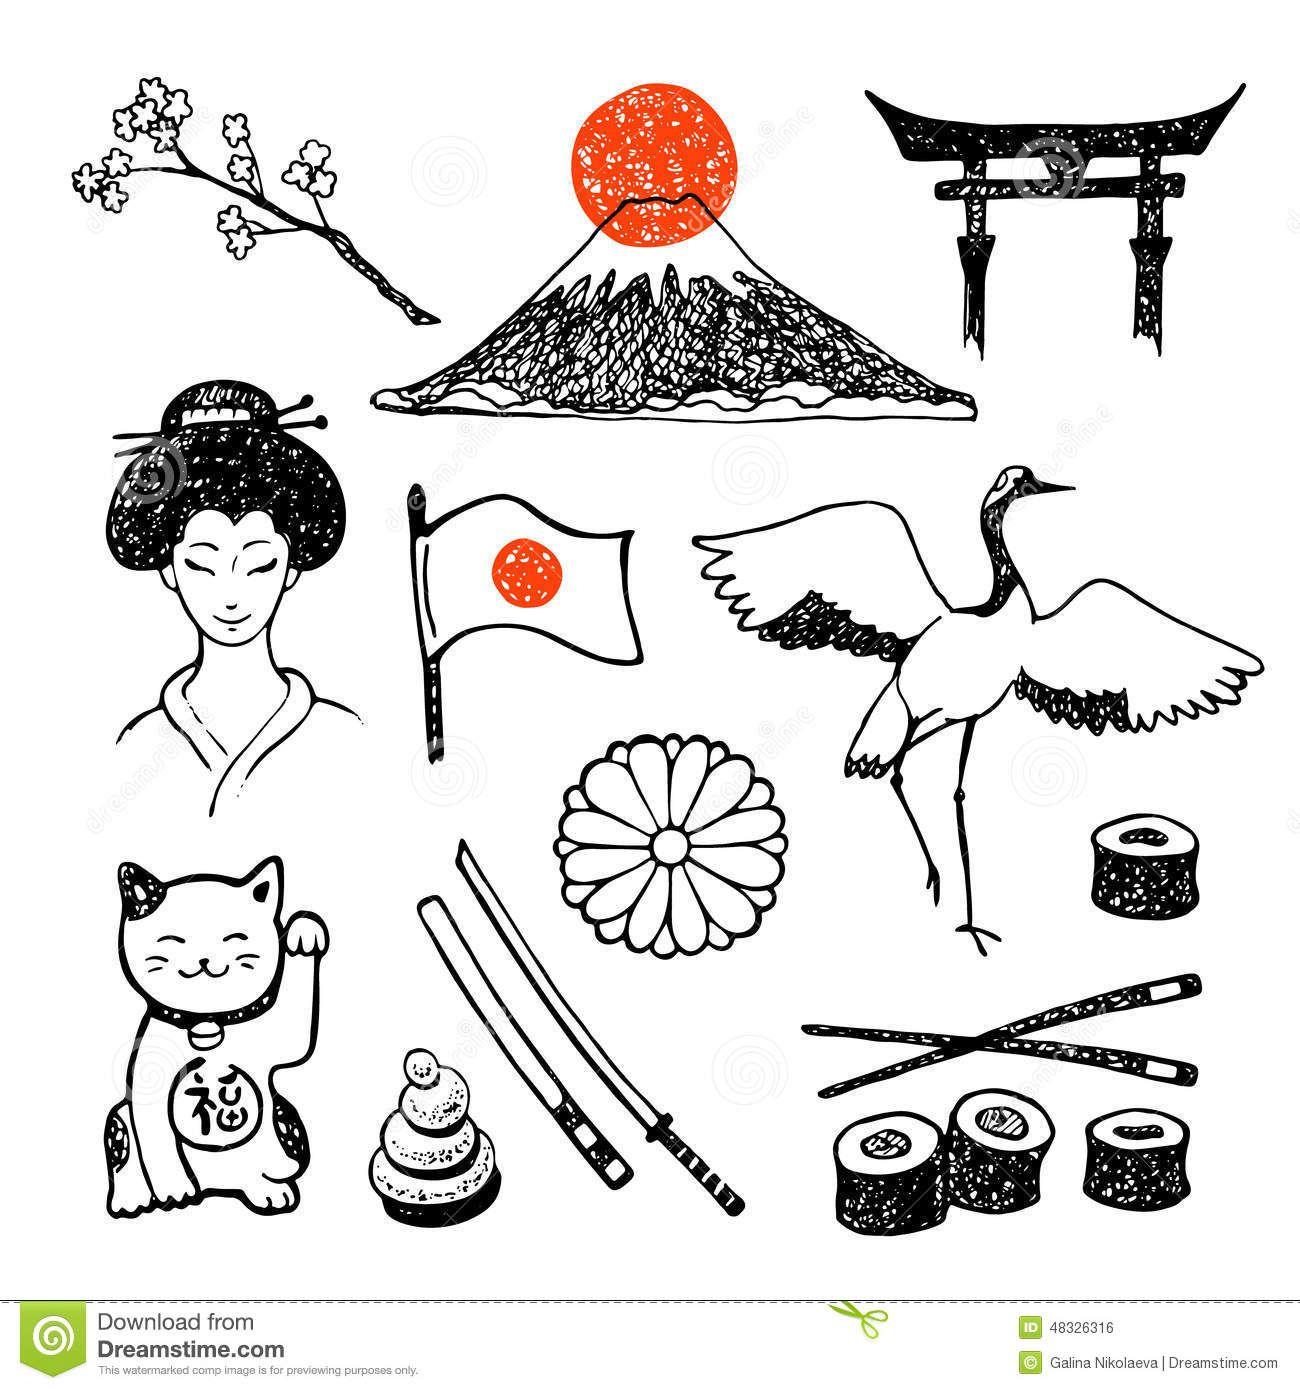 Eb0c0d44334e90e94f7d59eba5c77aad Jpg 1300 1390 Dibujos Japoneses Arte Japones Japon